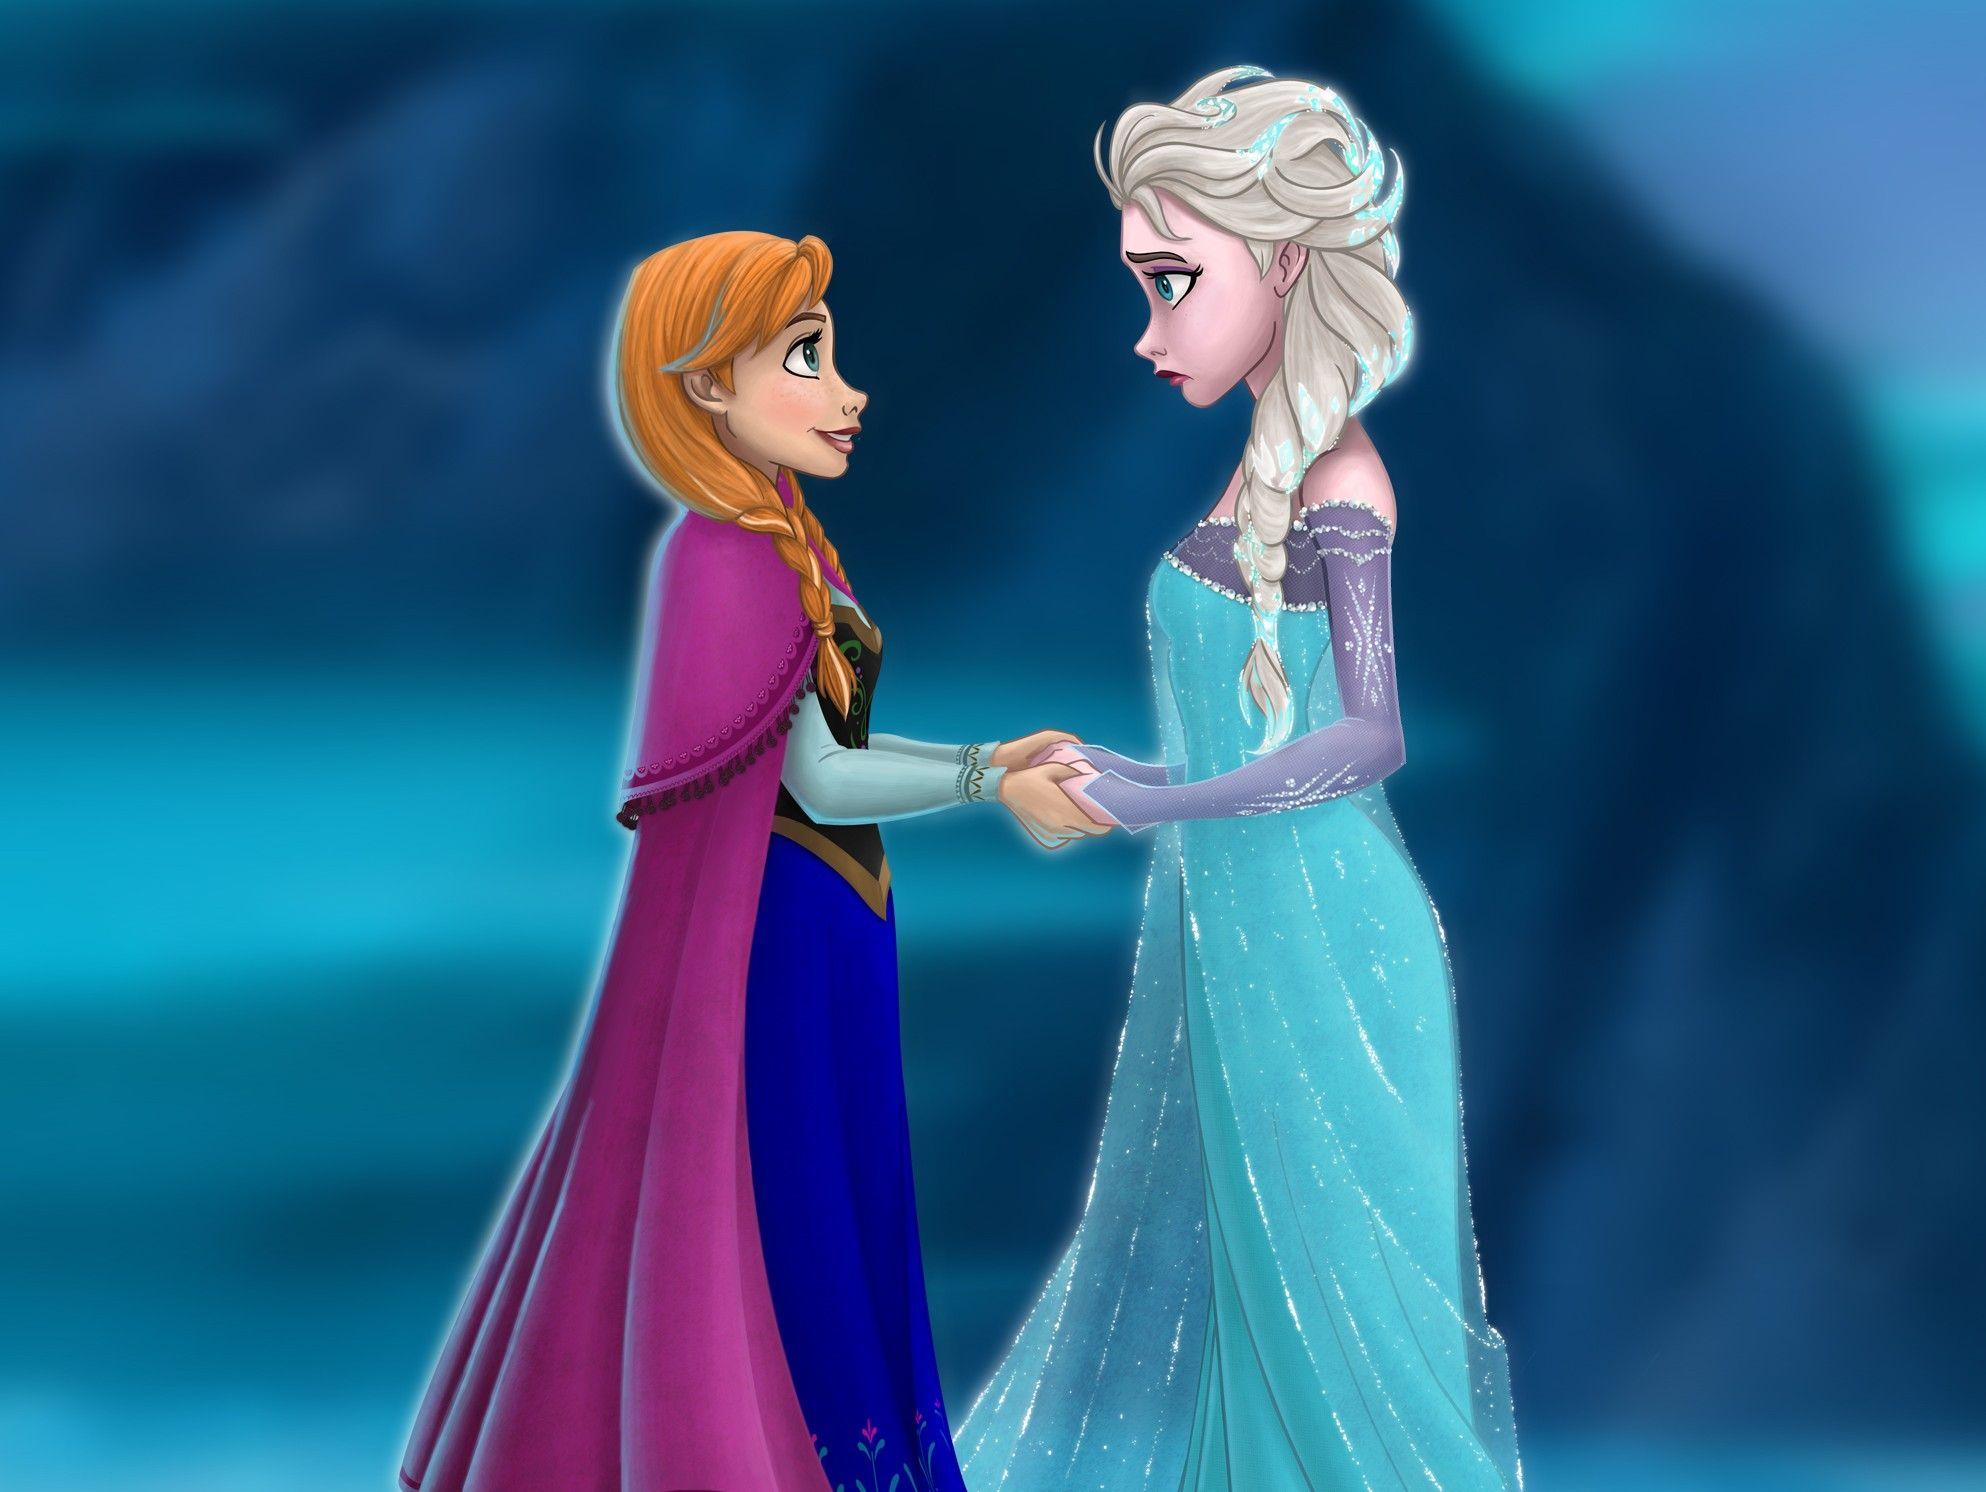 Disneys Frozen | Princess movies, New disney movies